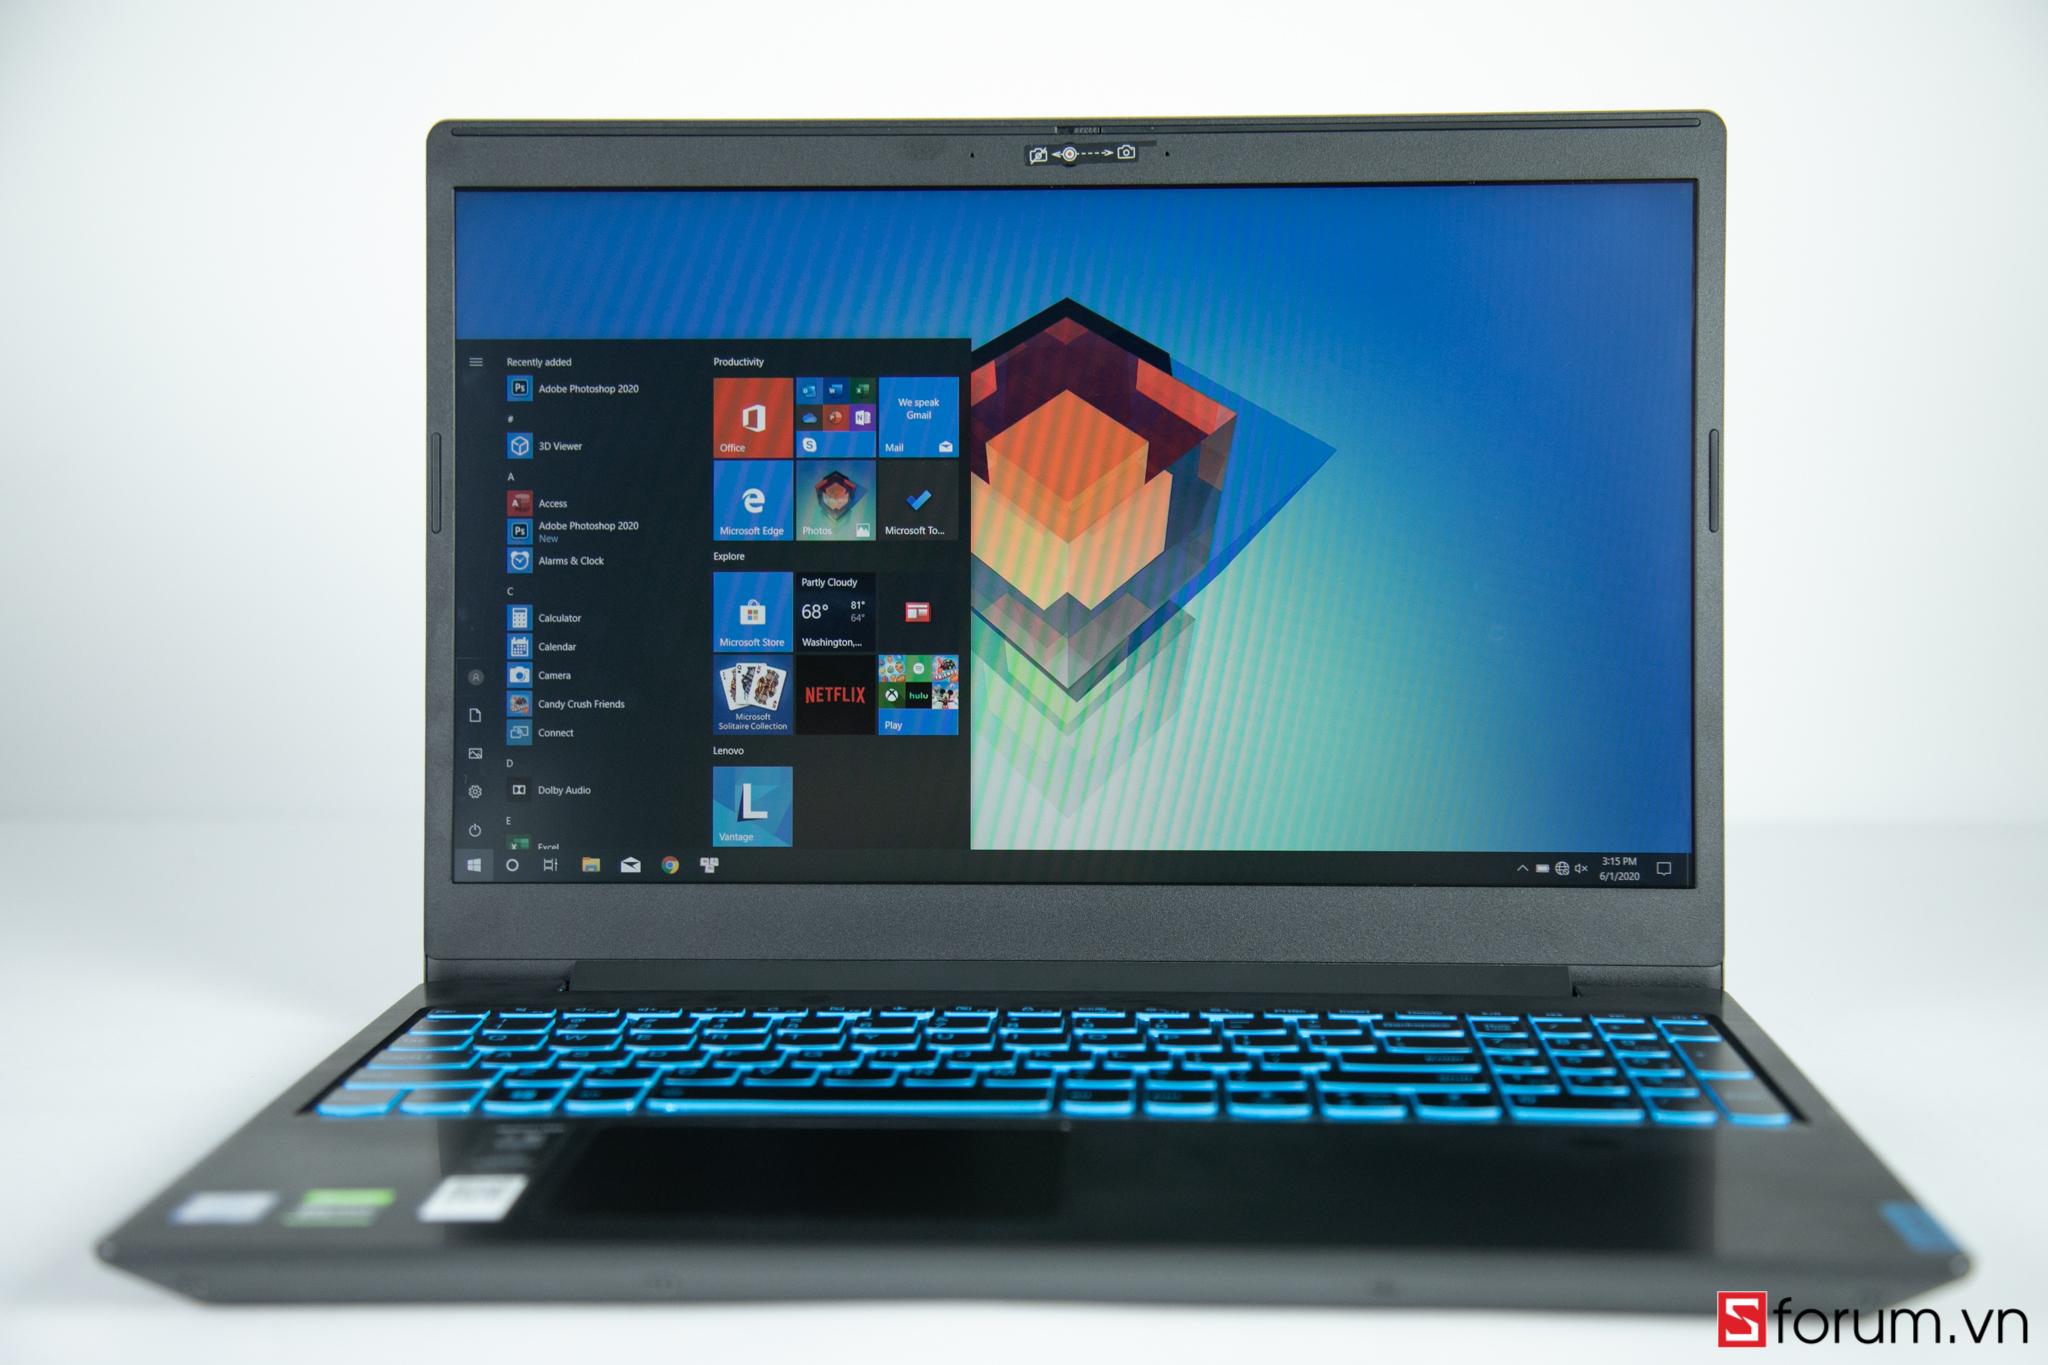 Sforum - Trang thông tin công nghệ mới nhất Lenovo-L340-6 Trên tay và trải nghiệm nhanh Lenovo L340-15IRH: laptop gaming hiệu năng cao, giá tầm trung